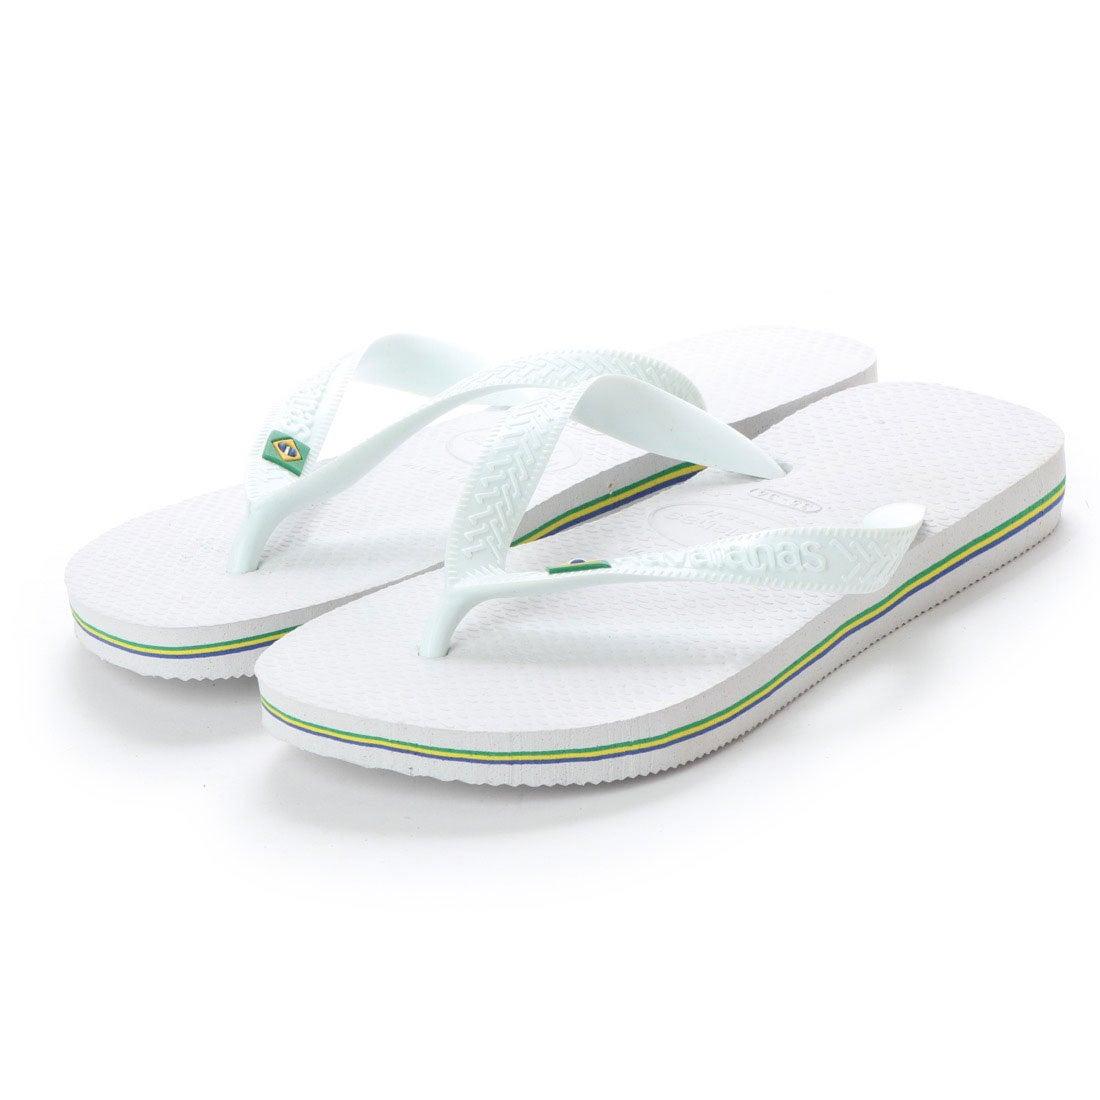 【SALE 20%OFF】ハワイアナス havaianas BRASIL (white) レディース メンズ